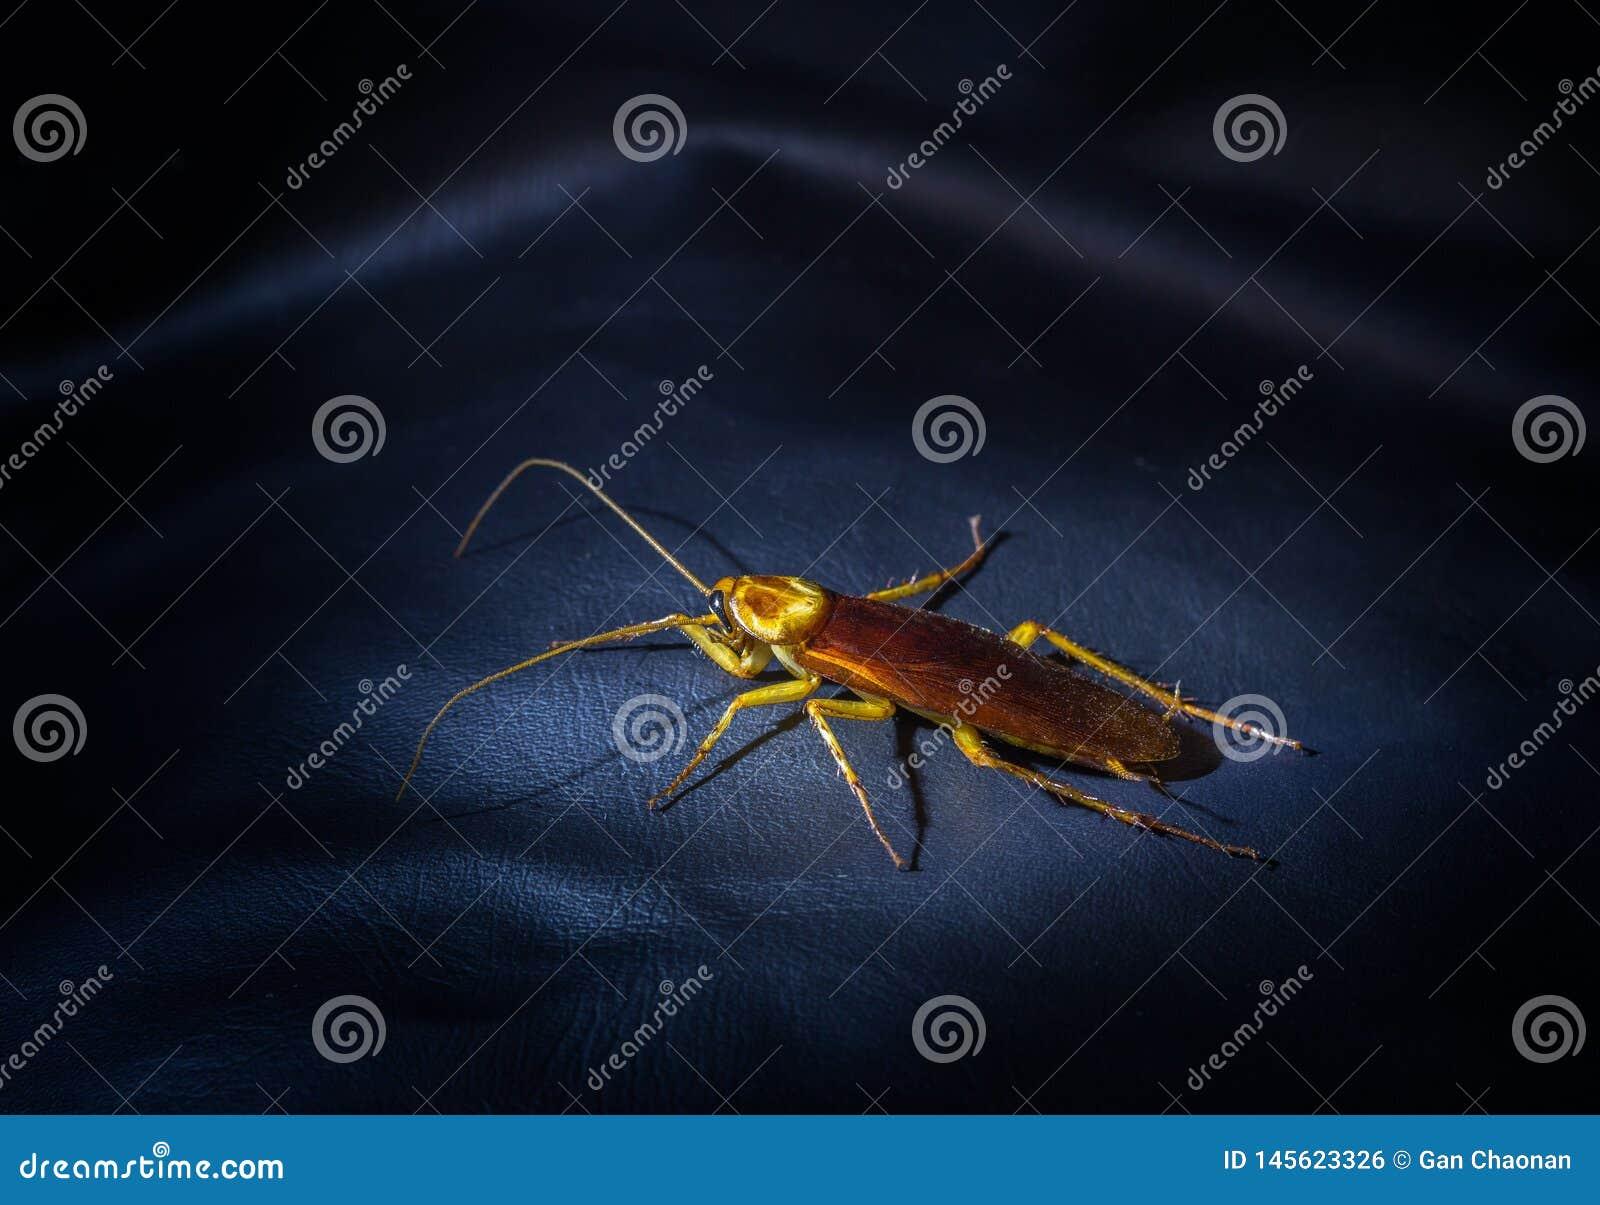 De kakkerlakken zijn op de leervloer van een zwarte bank bij nacht